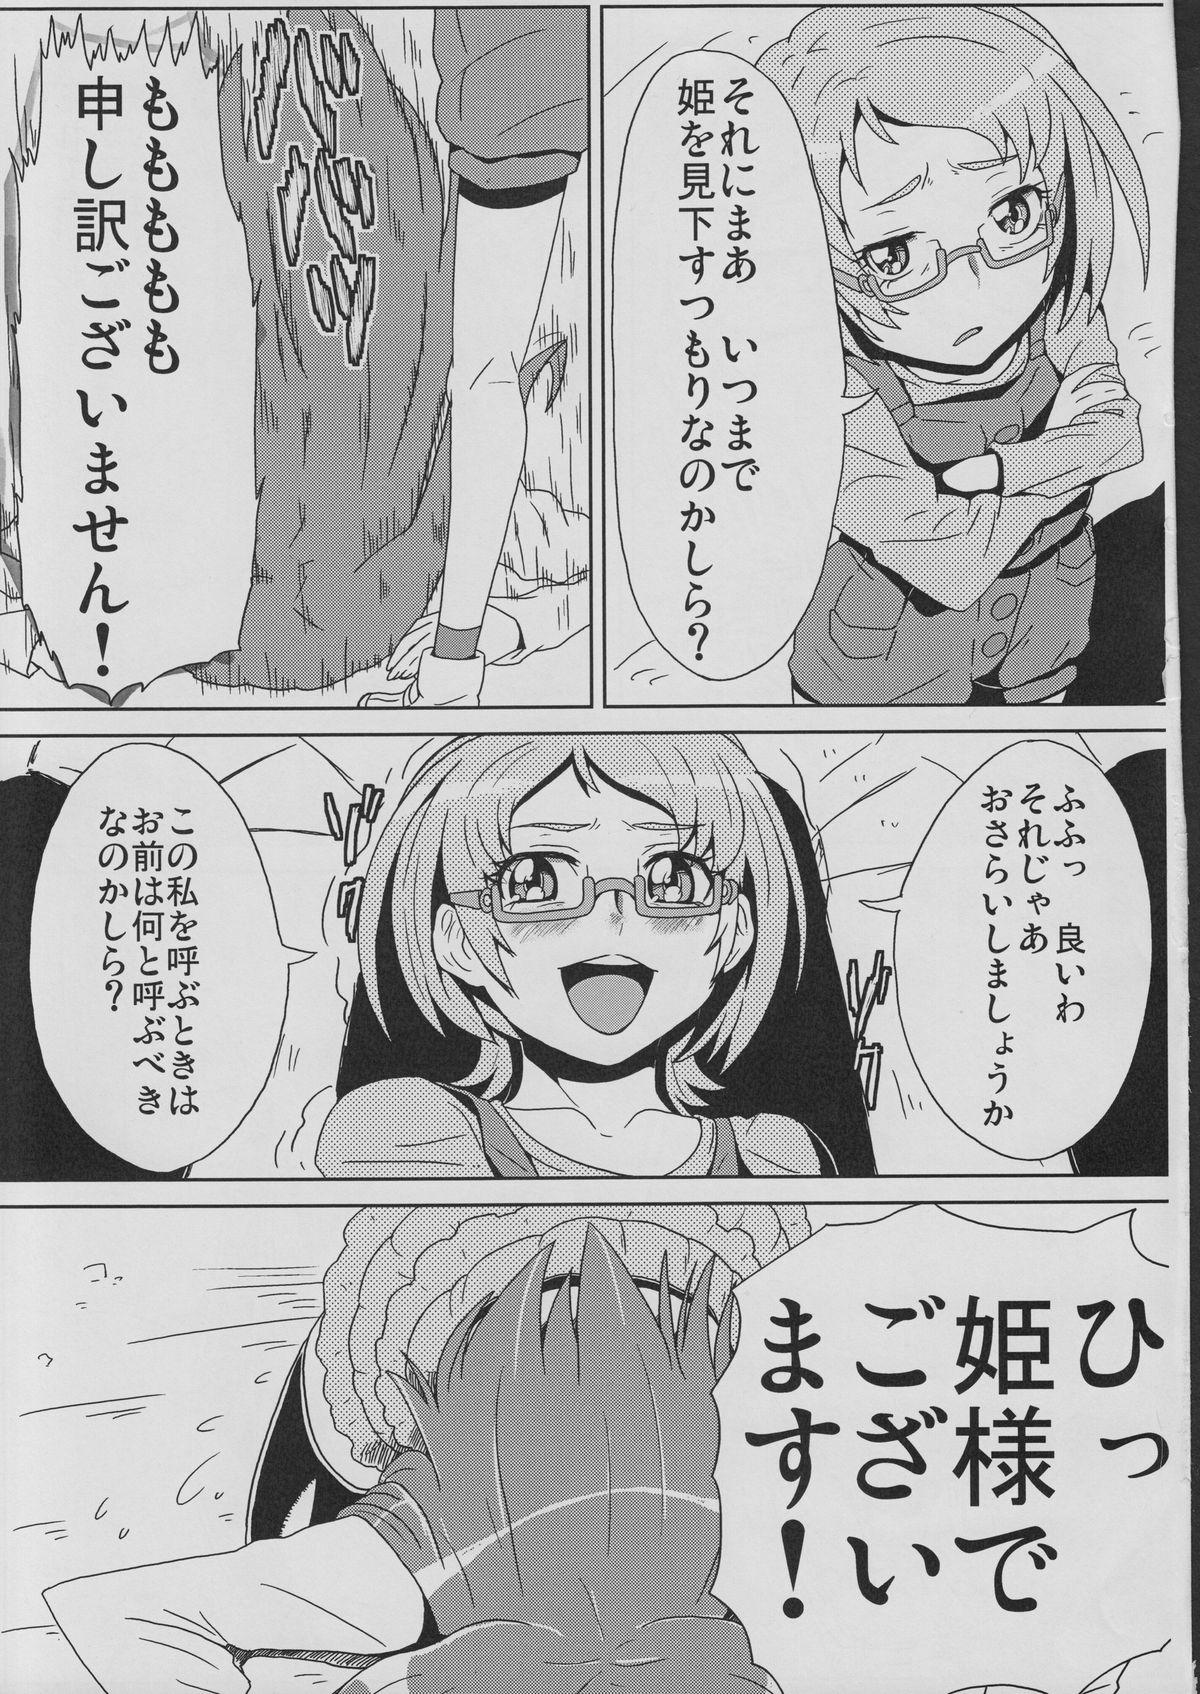 Hime-sama no Dorei 3